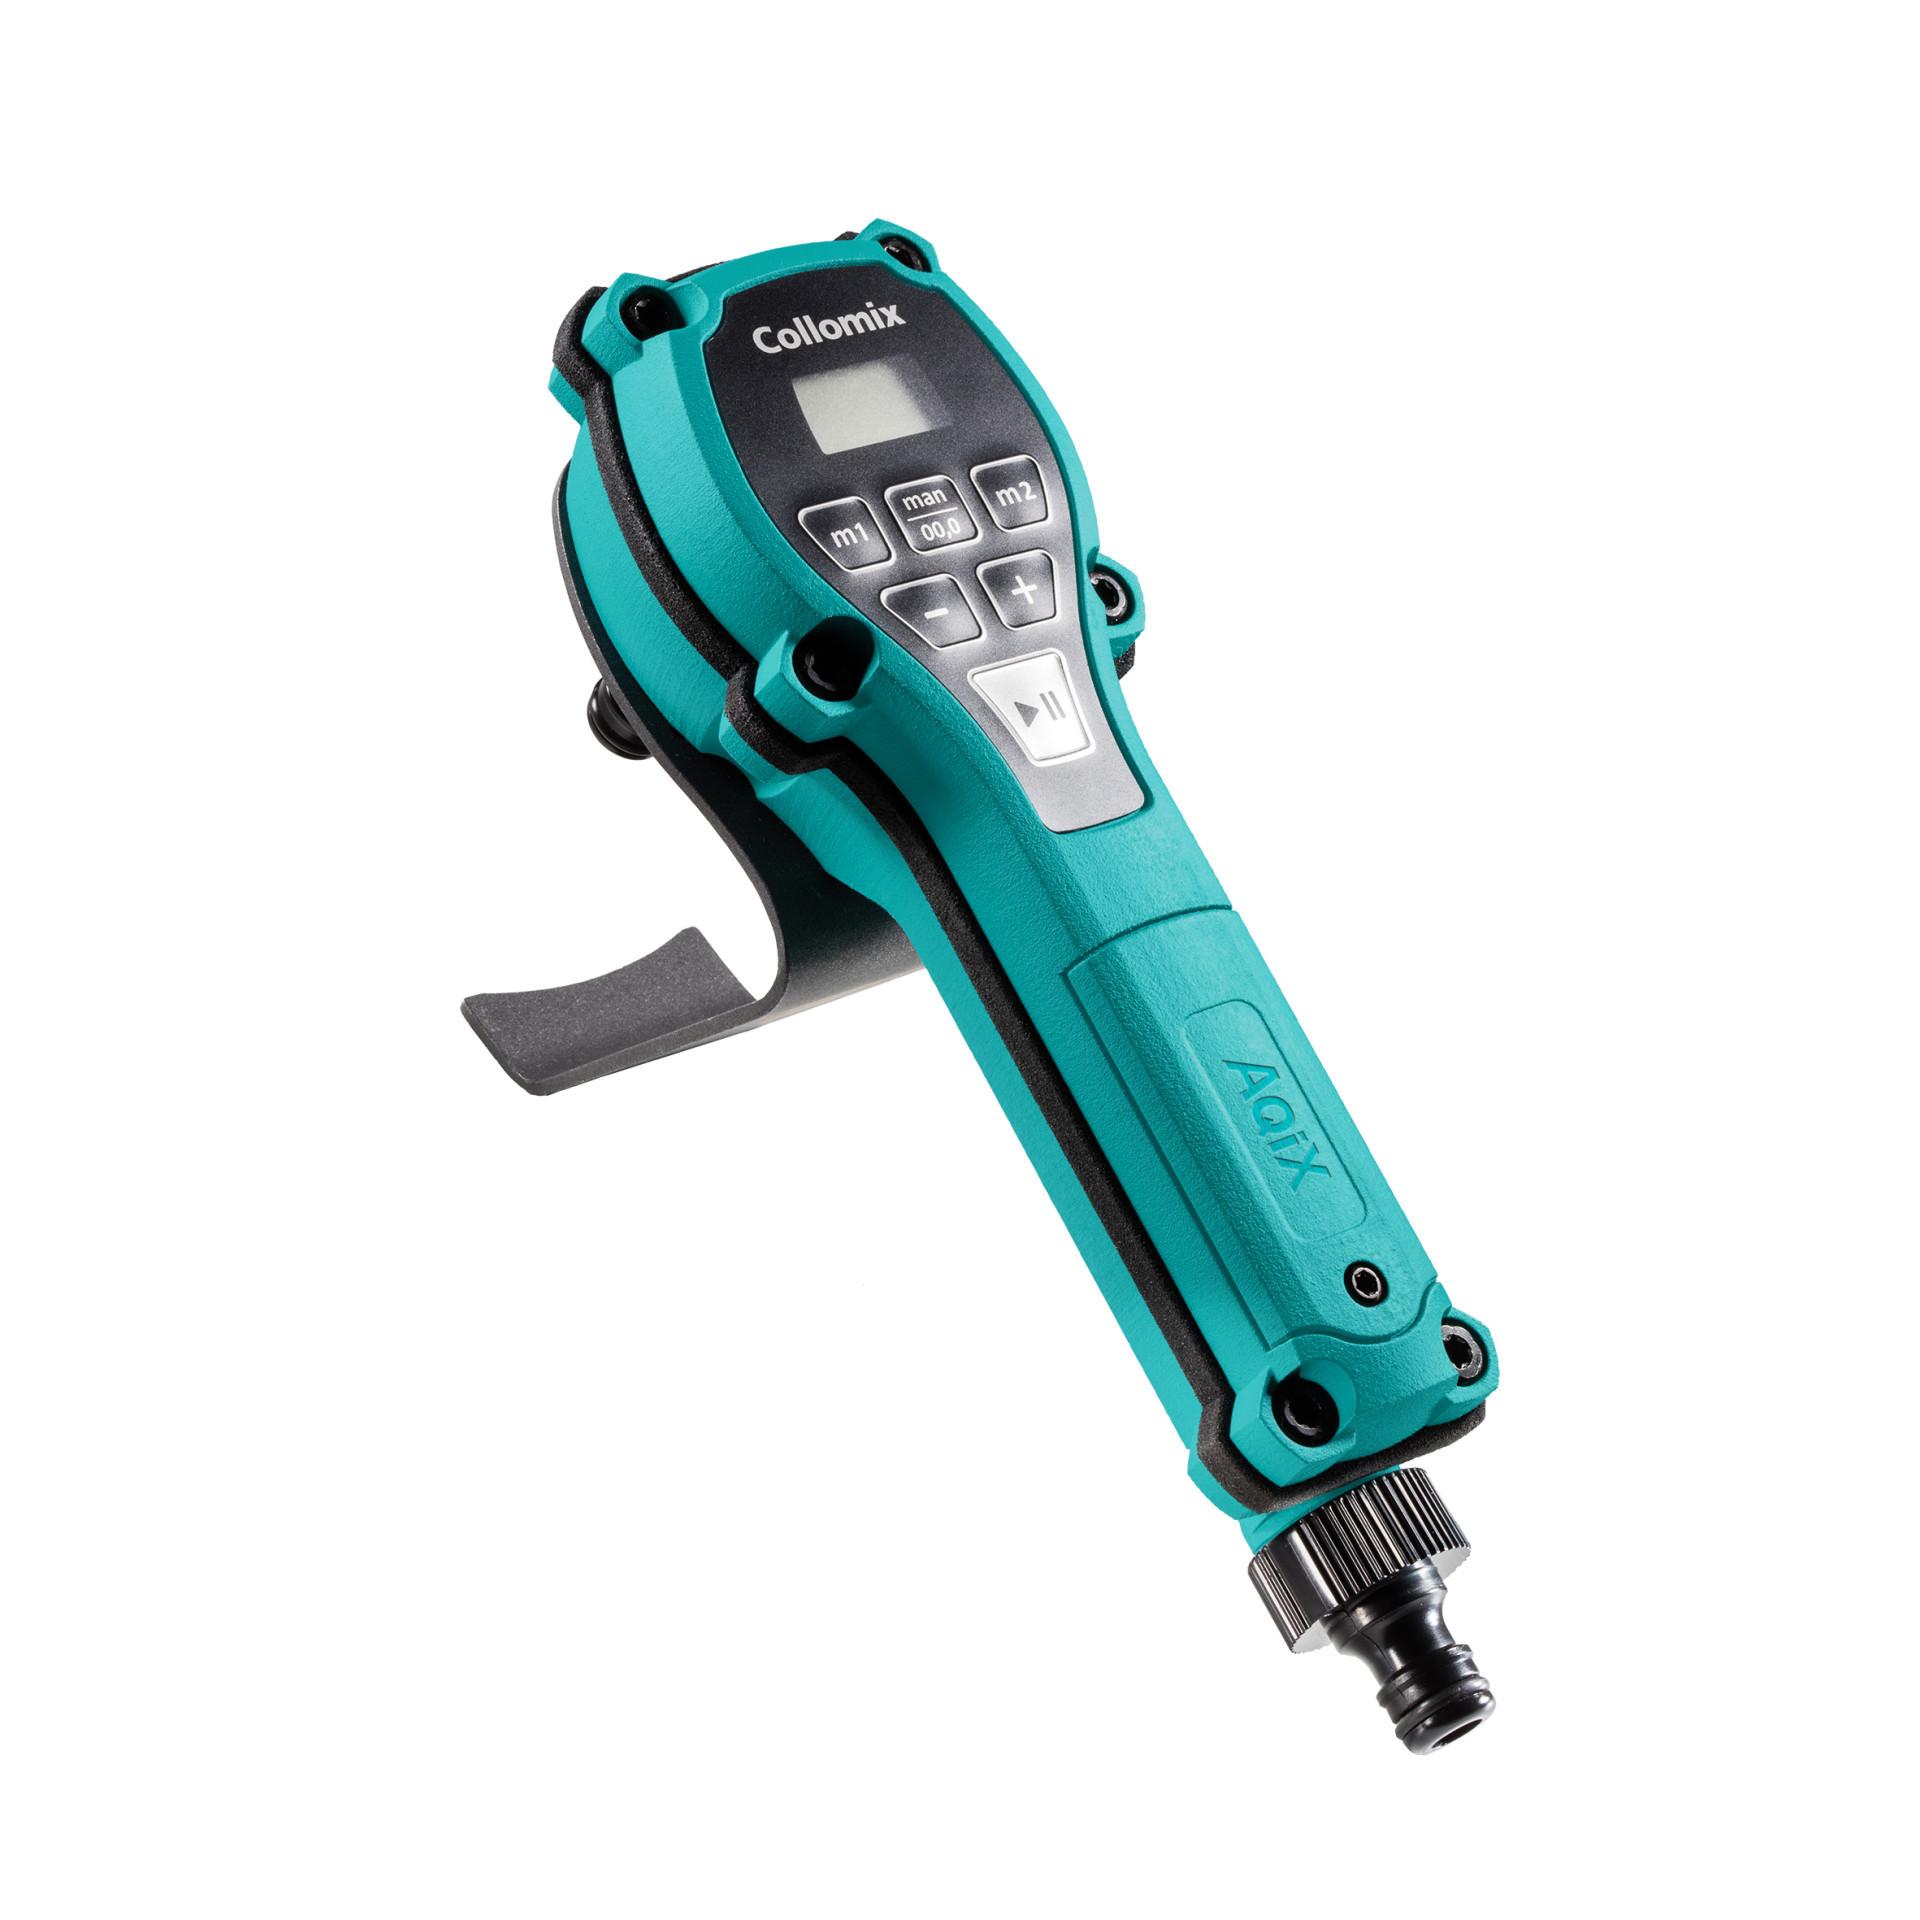 Collomixシリーズの便利な給水測定器、『AQiX』のご紹介。